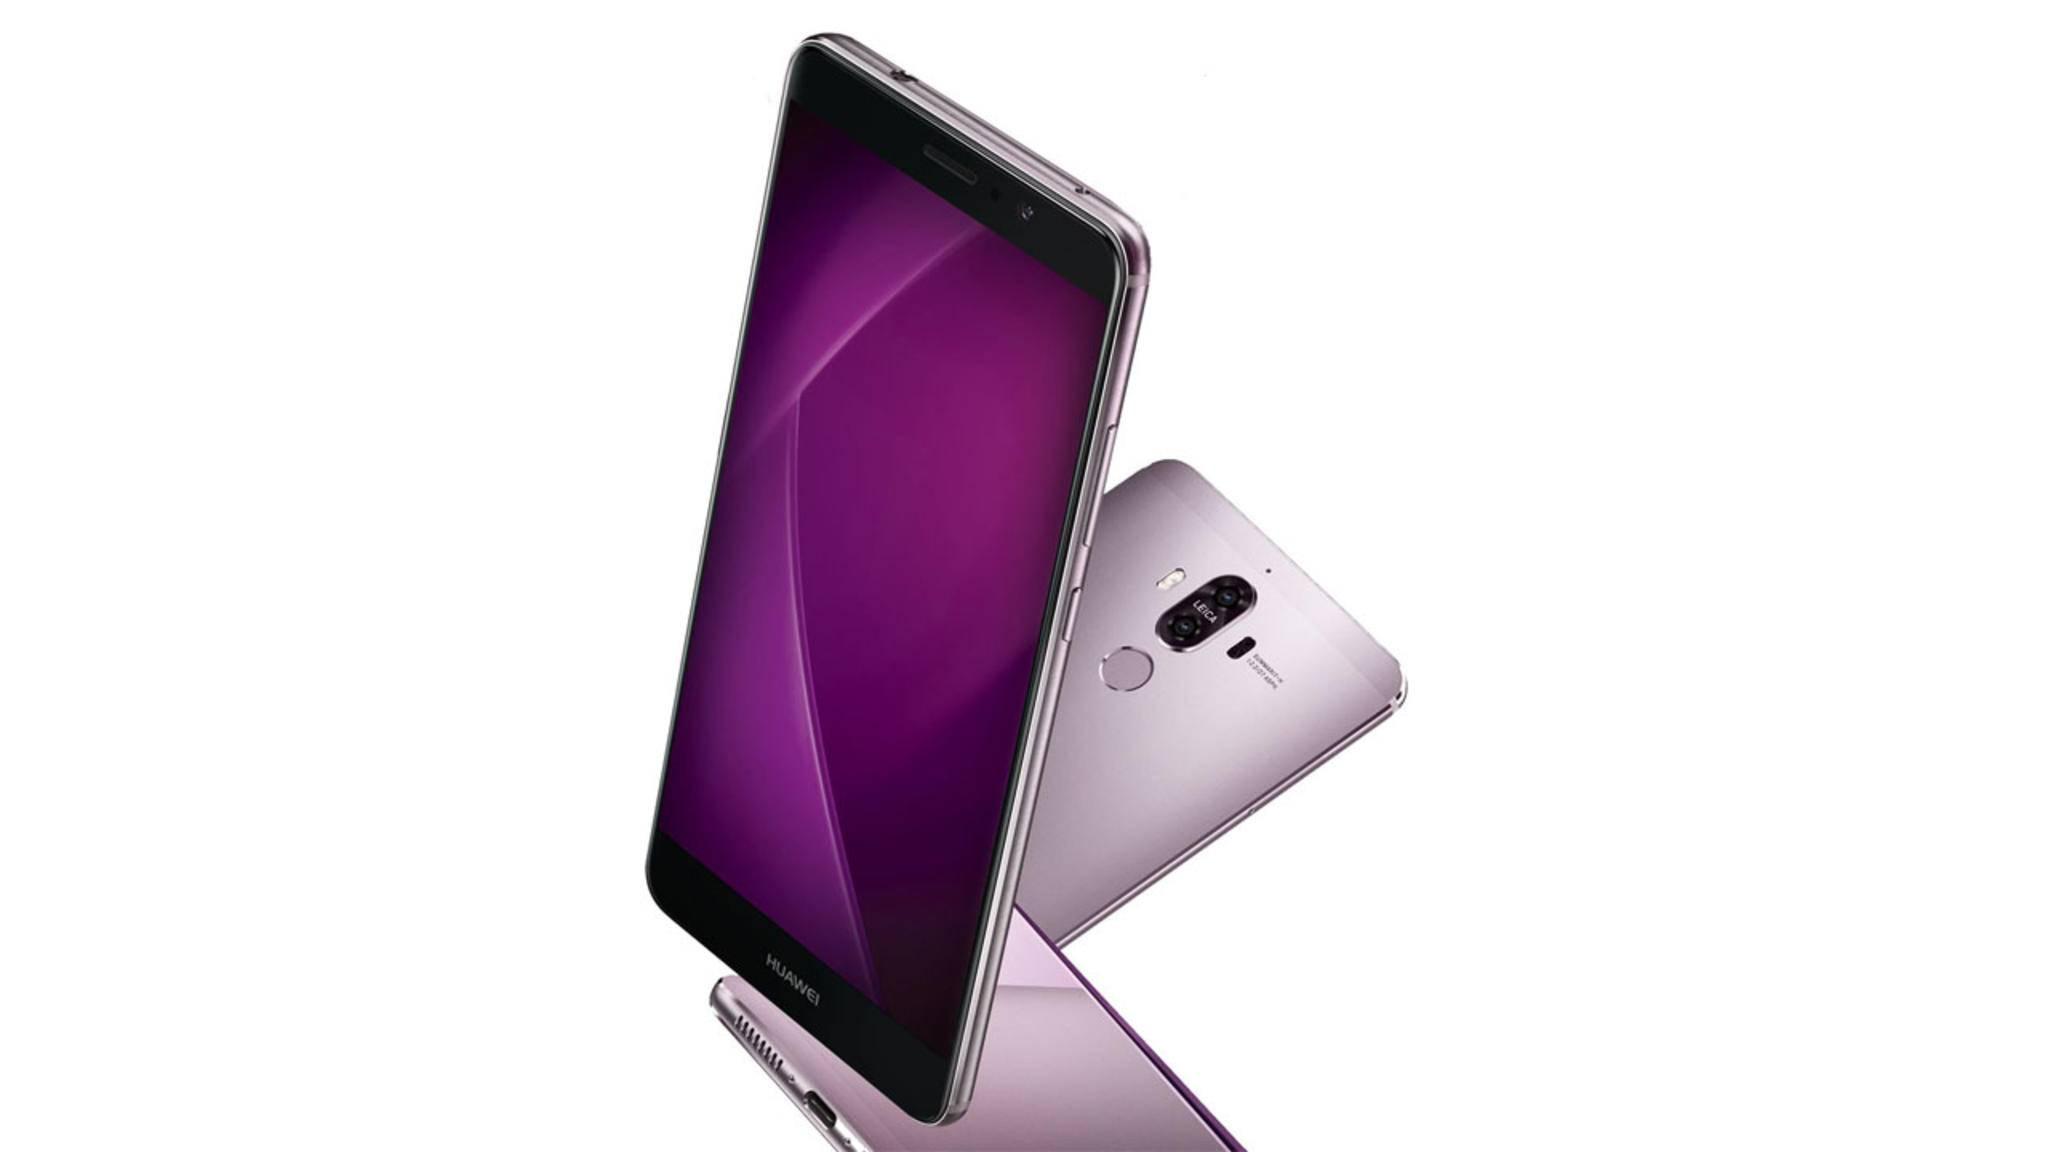 Mit dem Mate 9 könnte Huawei eine neue Farboption etablieren.